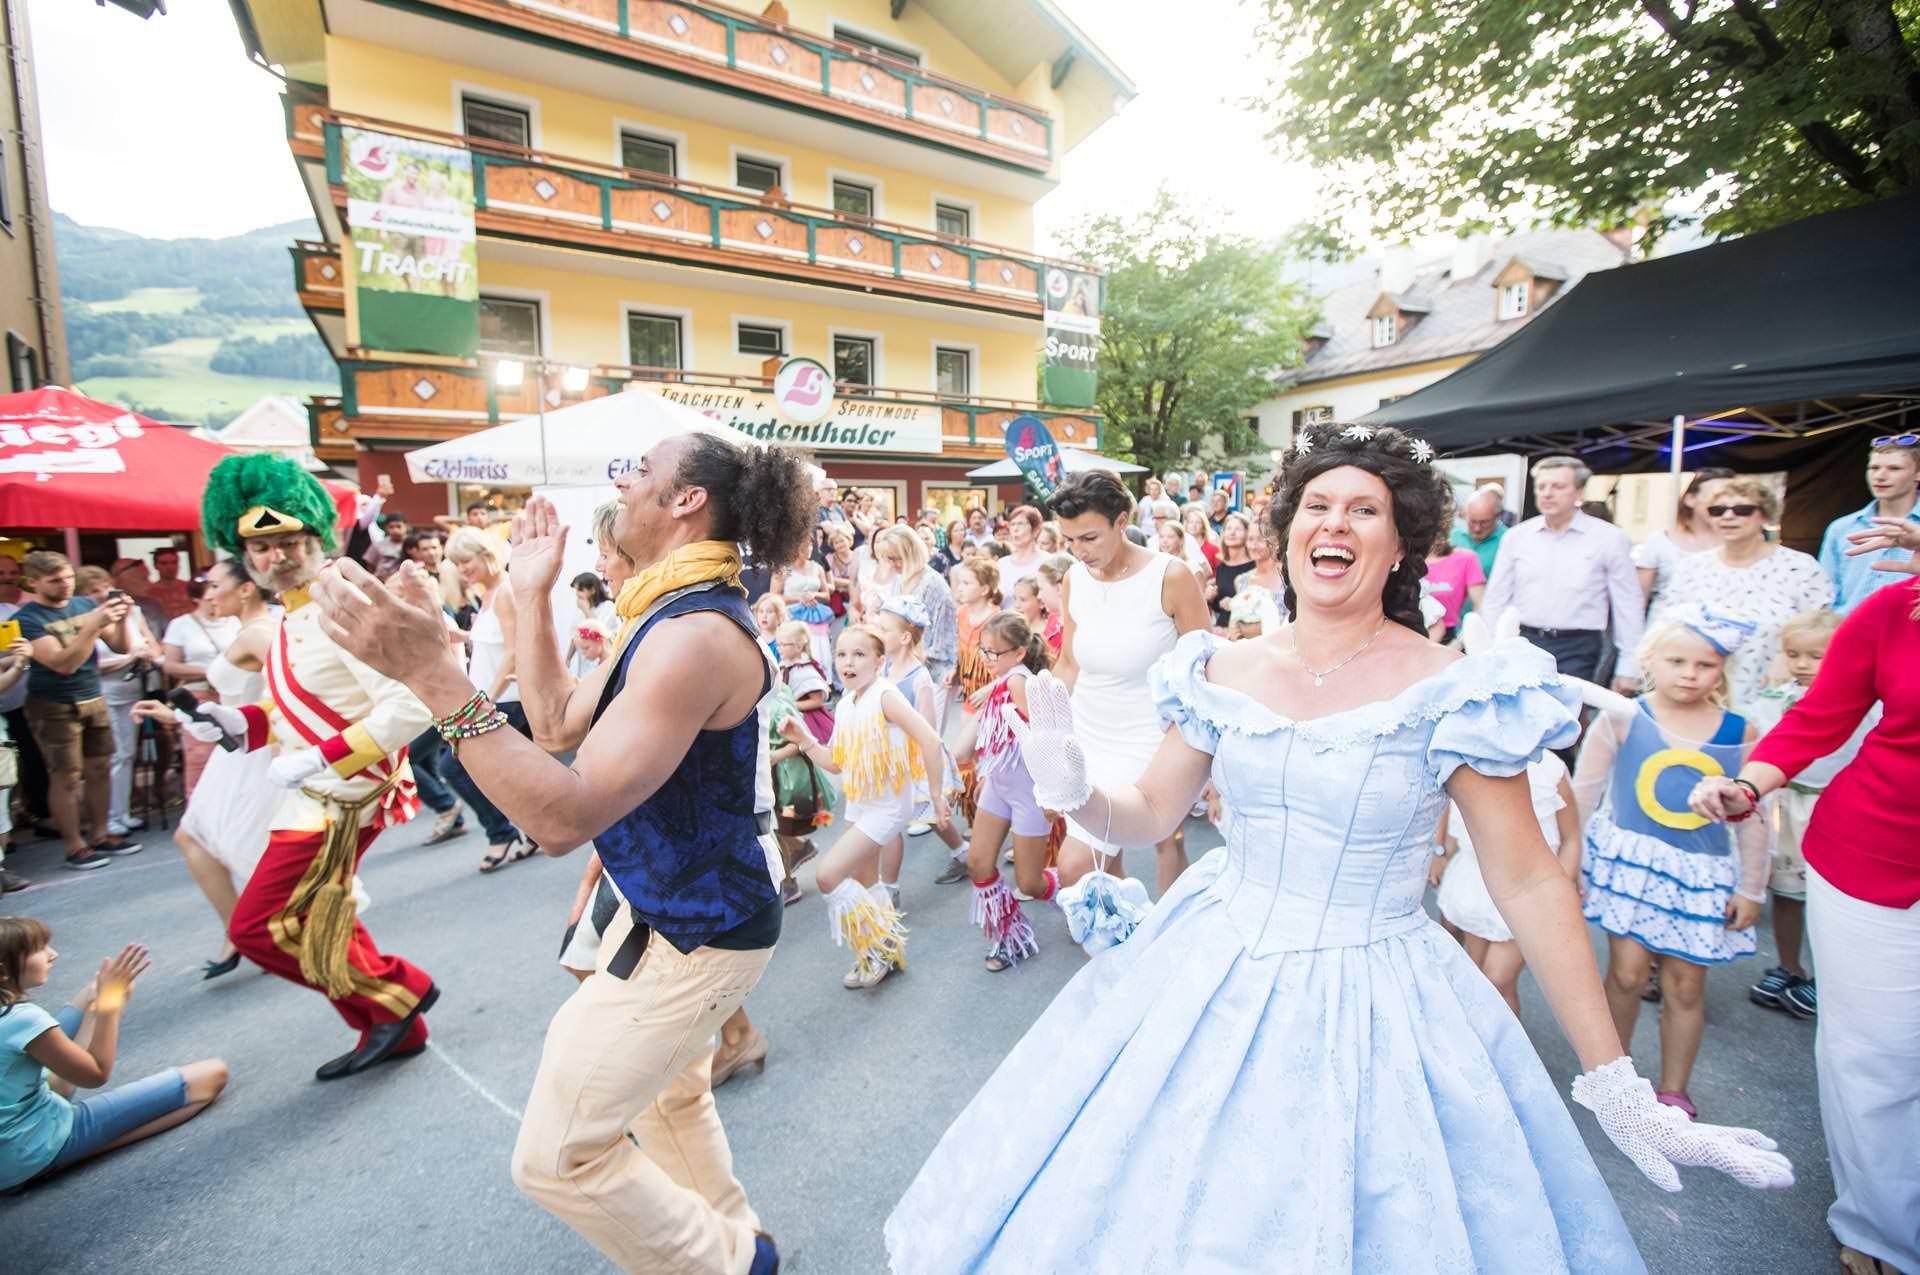 Singles aus Bad Gastein kennenlernen LoveScout24